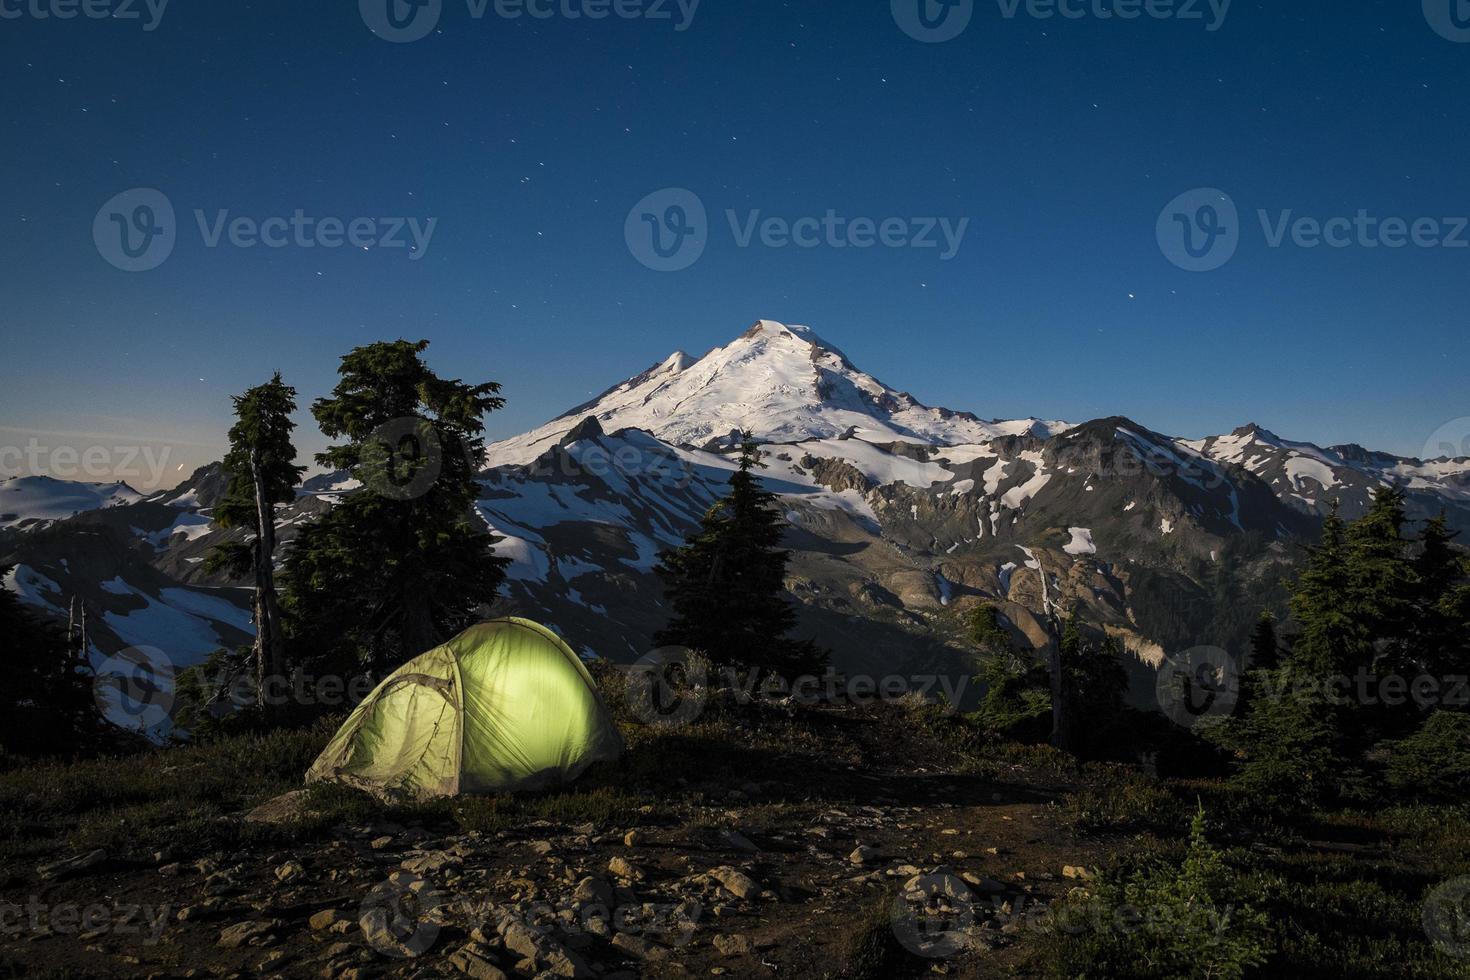 Glühendes Zelt in der Nacht unter Mount Baker, Washington State foto